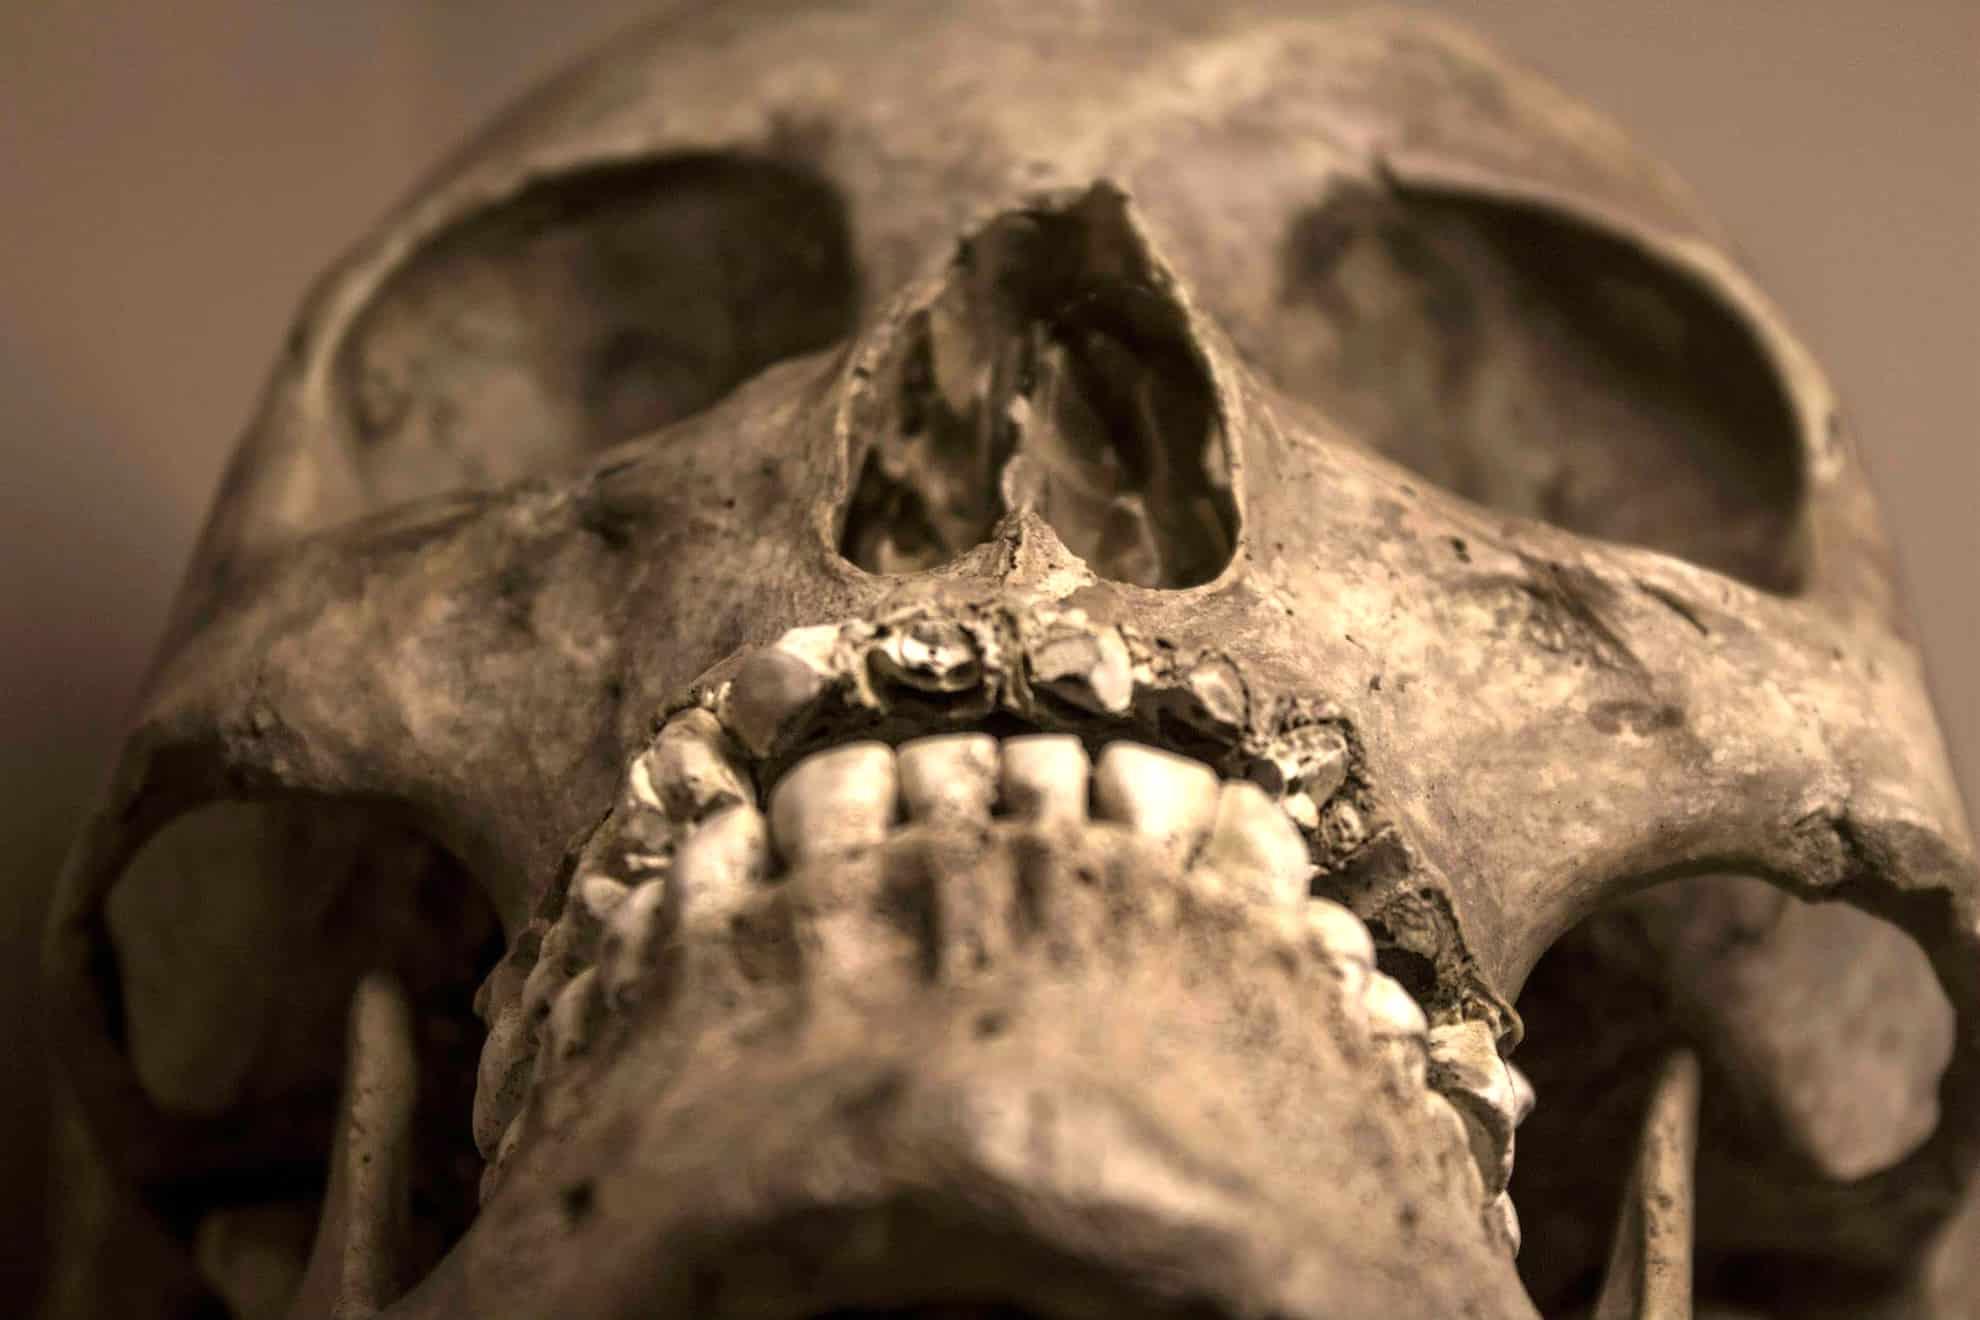 Cuál es la función del cráneo humano? – Curiosoando